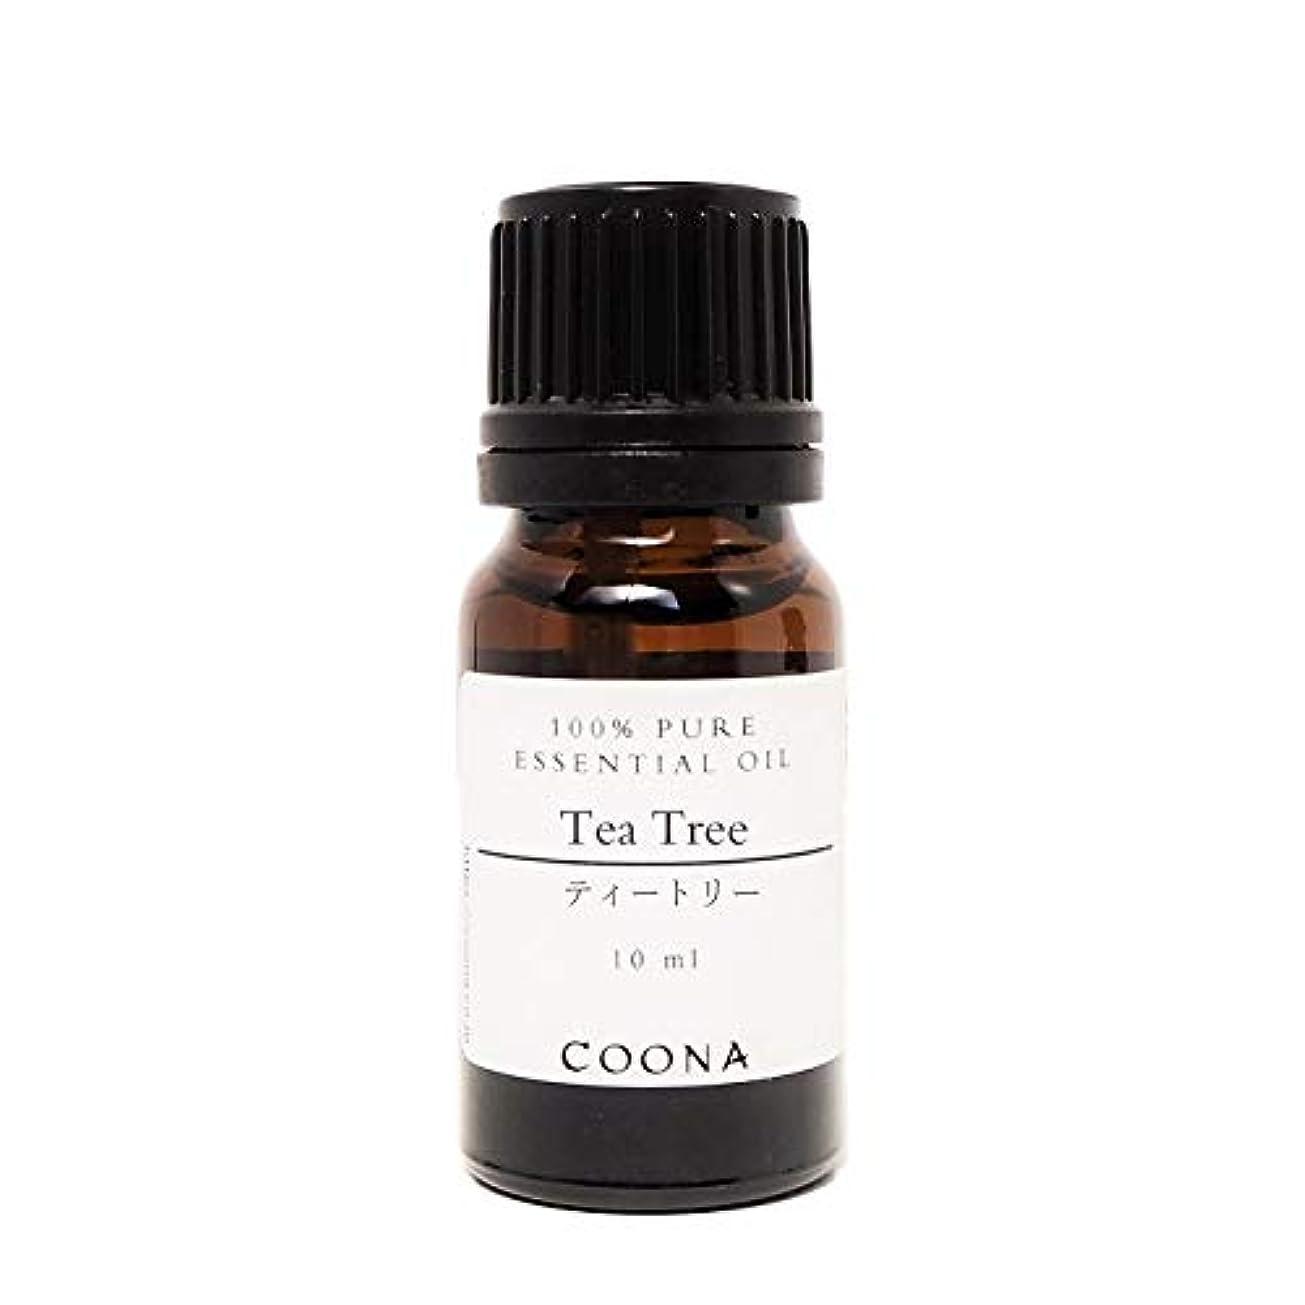 ディンカルビル概して通りティートリー 10 ml (COONA エッセンシャルオイル アロマオイル 100%天然植物精油)